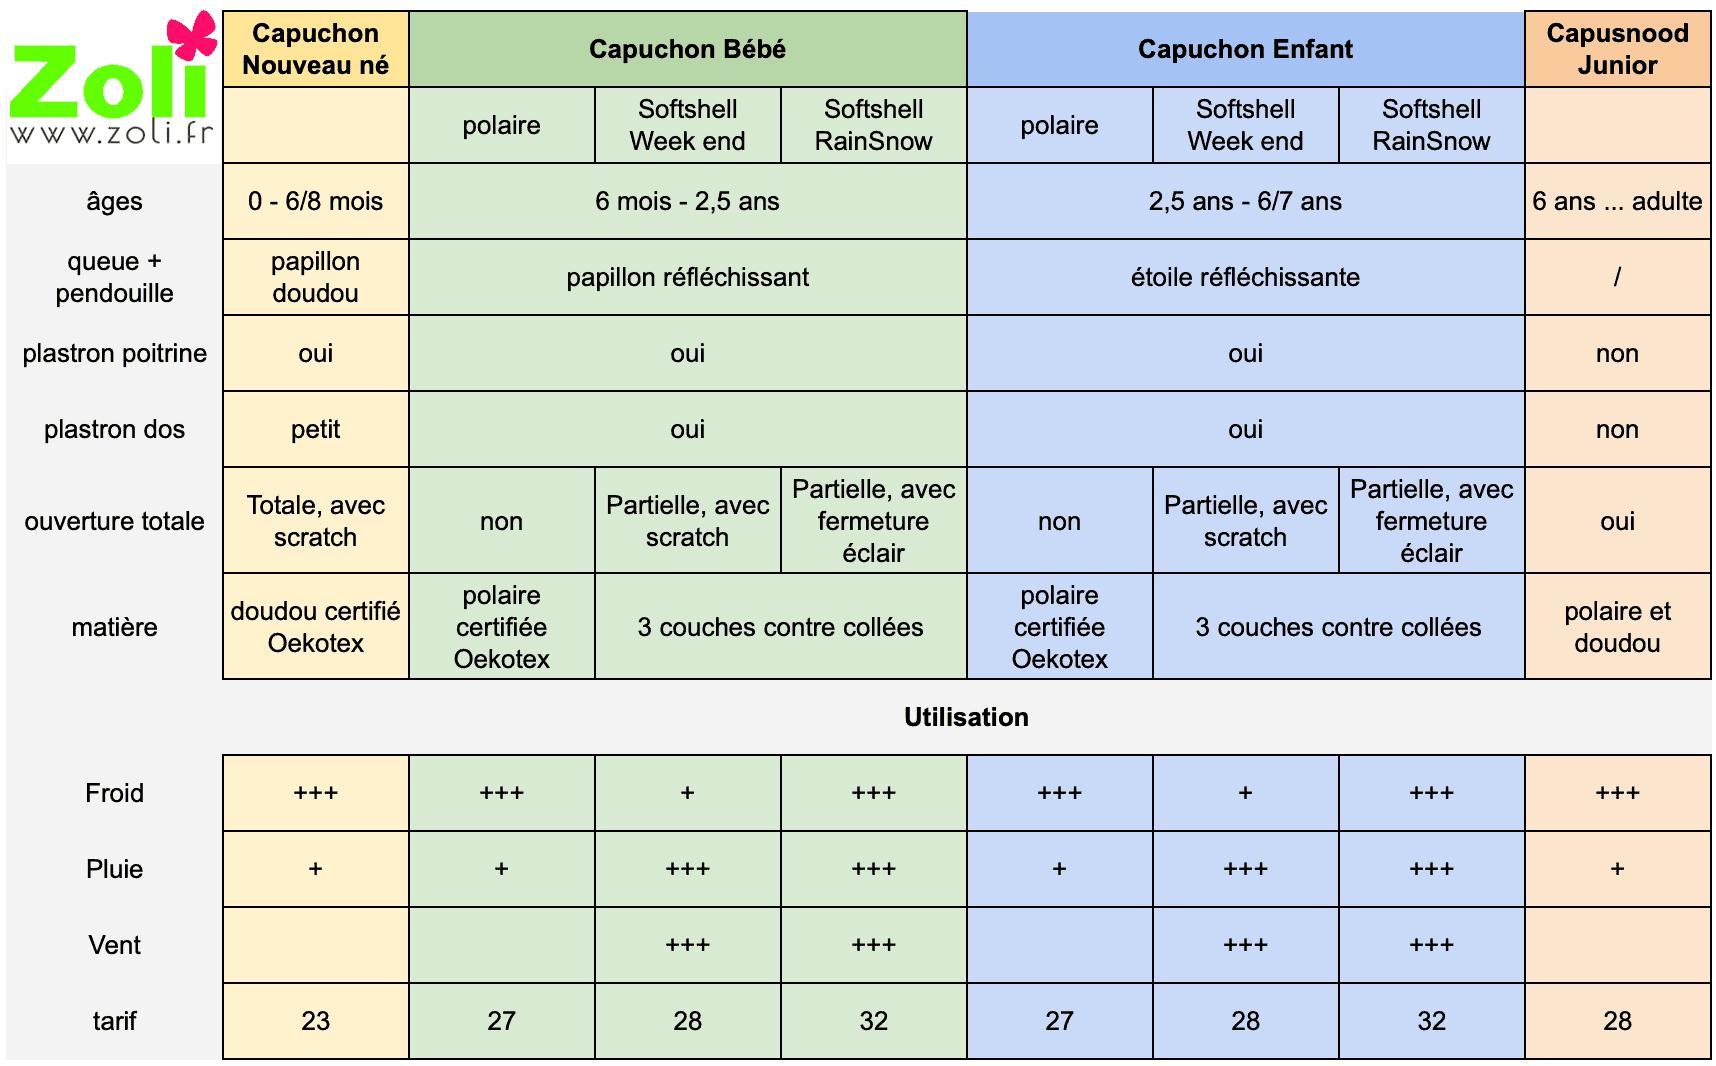 guide d'aide au choix de la taille des capuchons zoli